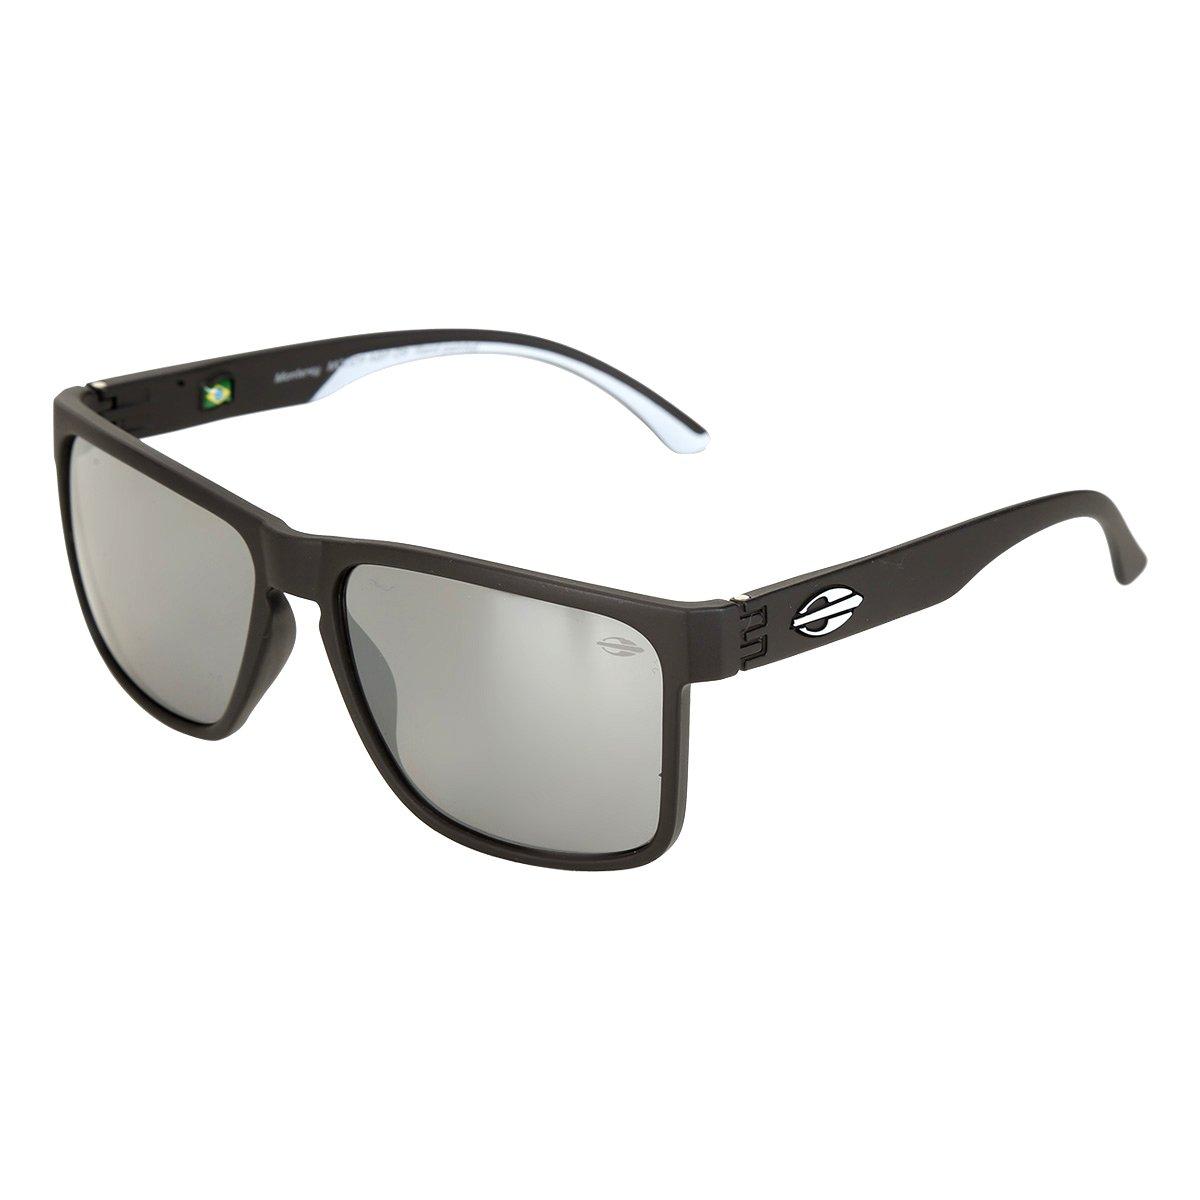 d4497a9bc0ed7 Óculos de Sol Mormaii Monterey Fosco Masculino - Preto - Compre ...